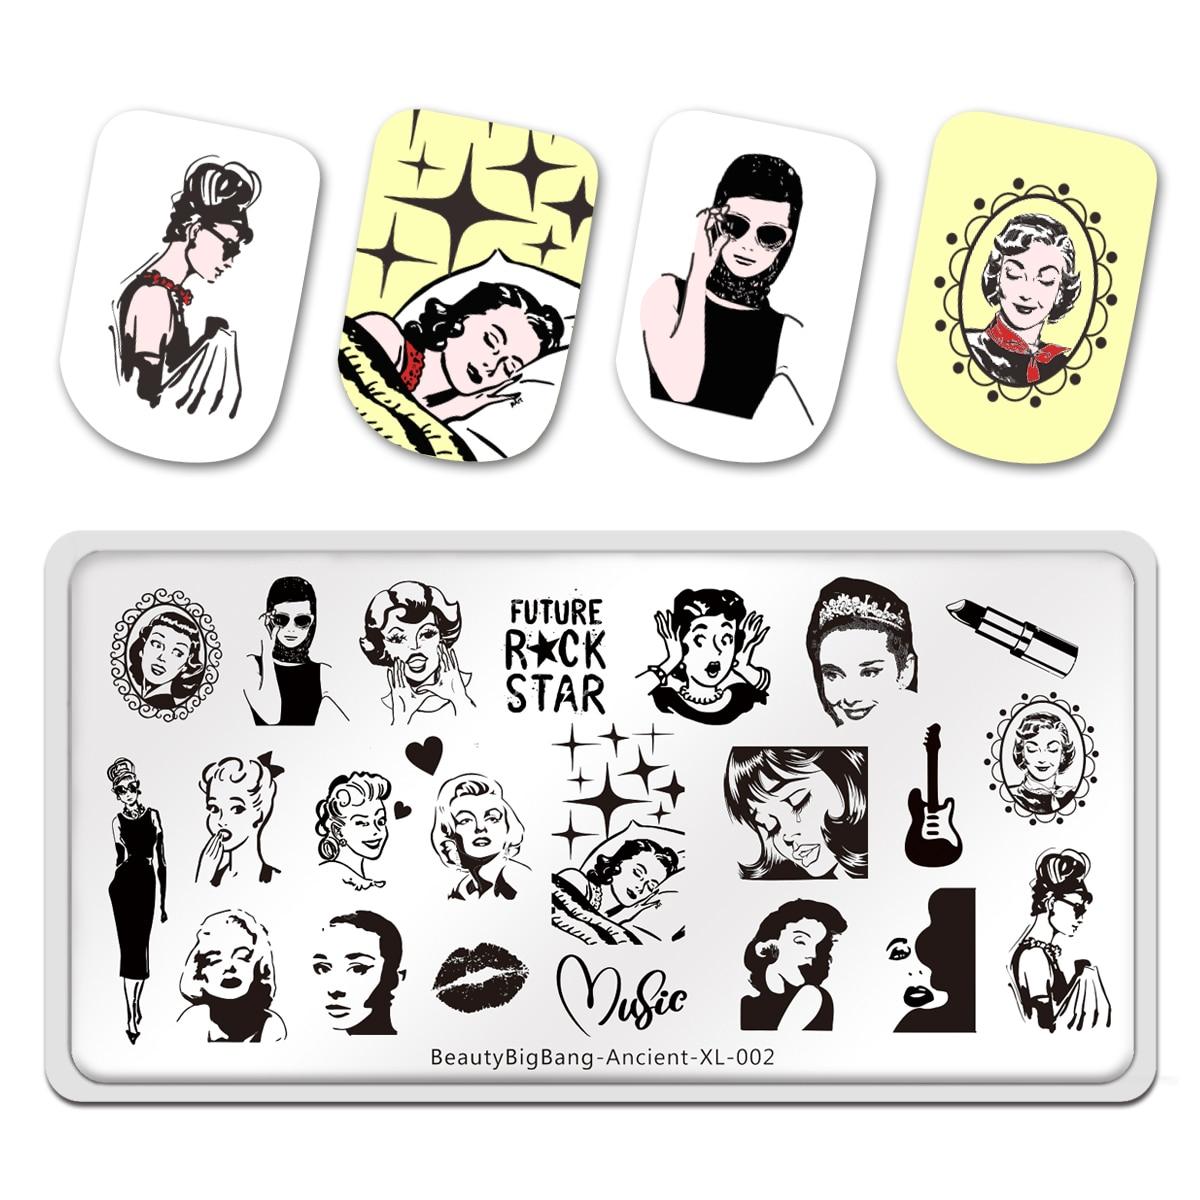 BeautyBigBang, placas de estampado Future Rock Star, bonita imagen para mujeres, XL-002 antiguas de 12*6cm, molde de plantilla para decoración de uñas de acero inoxidable